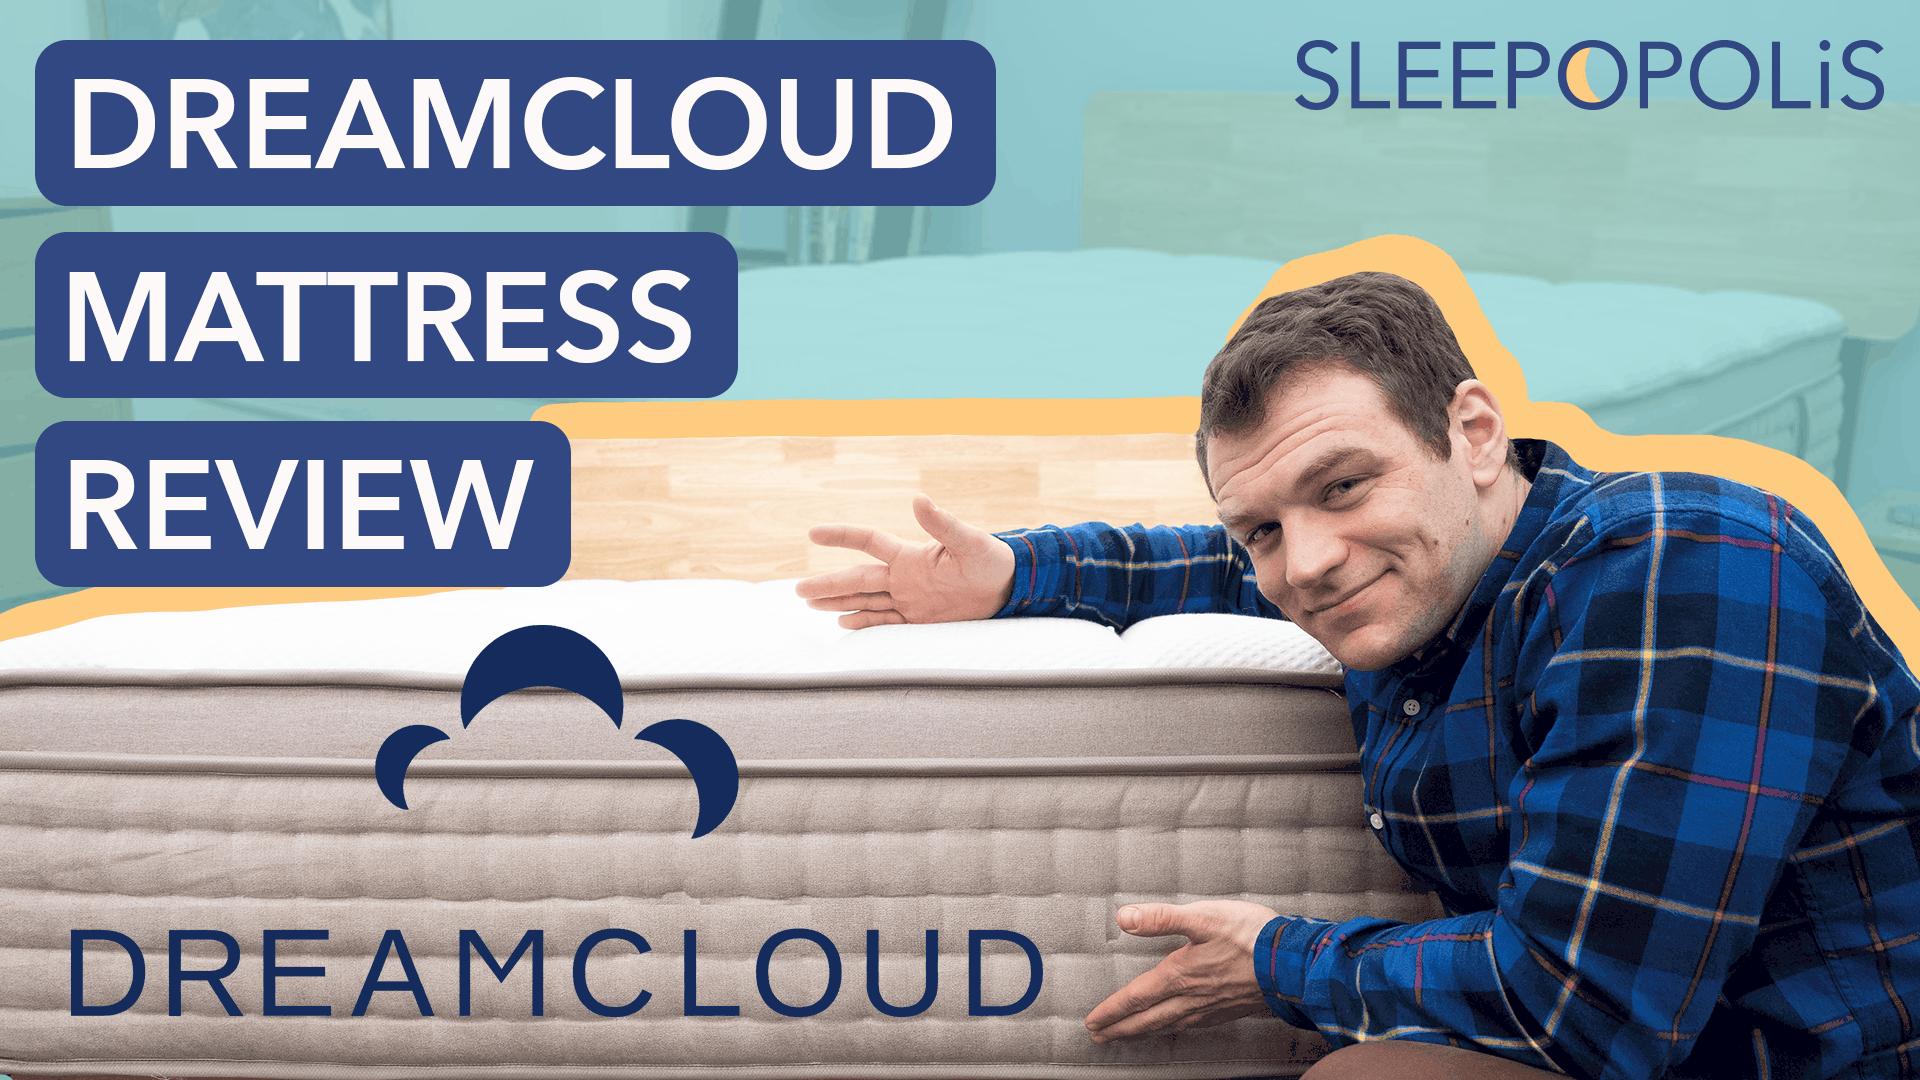 Dreamcloud Mattress Review Sleepopolis